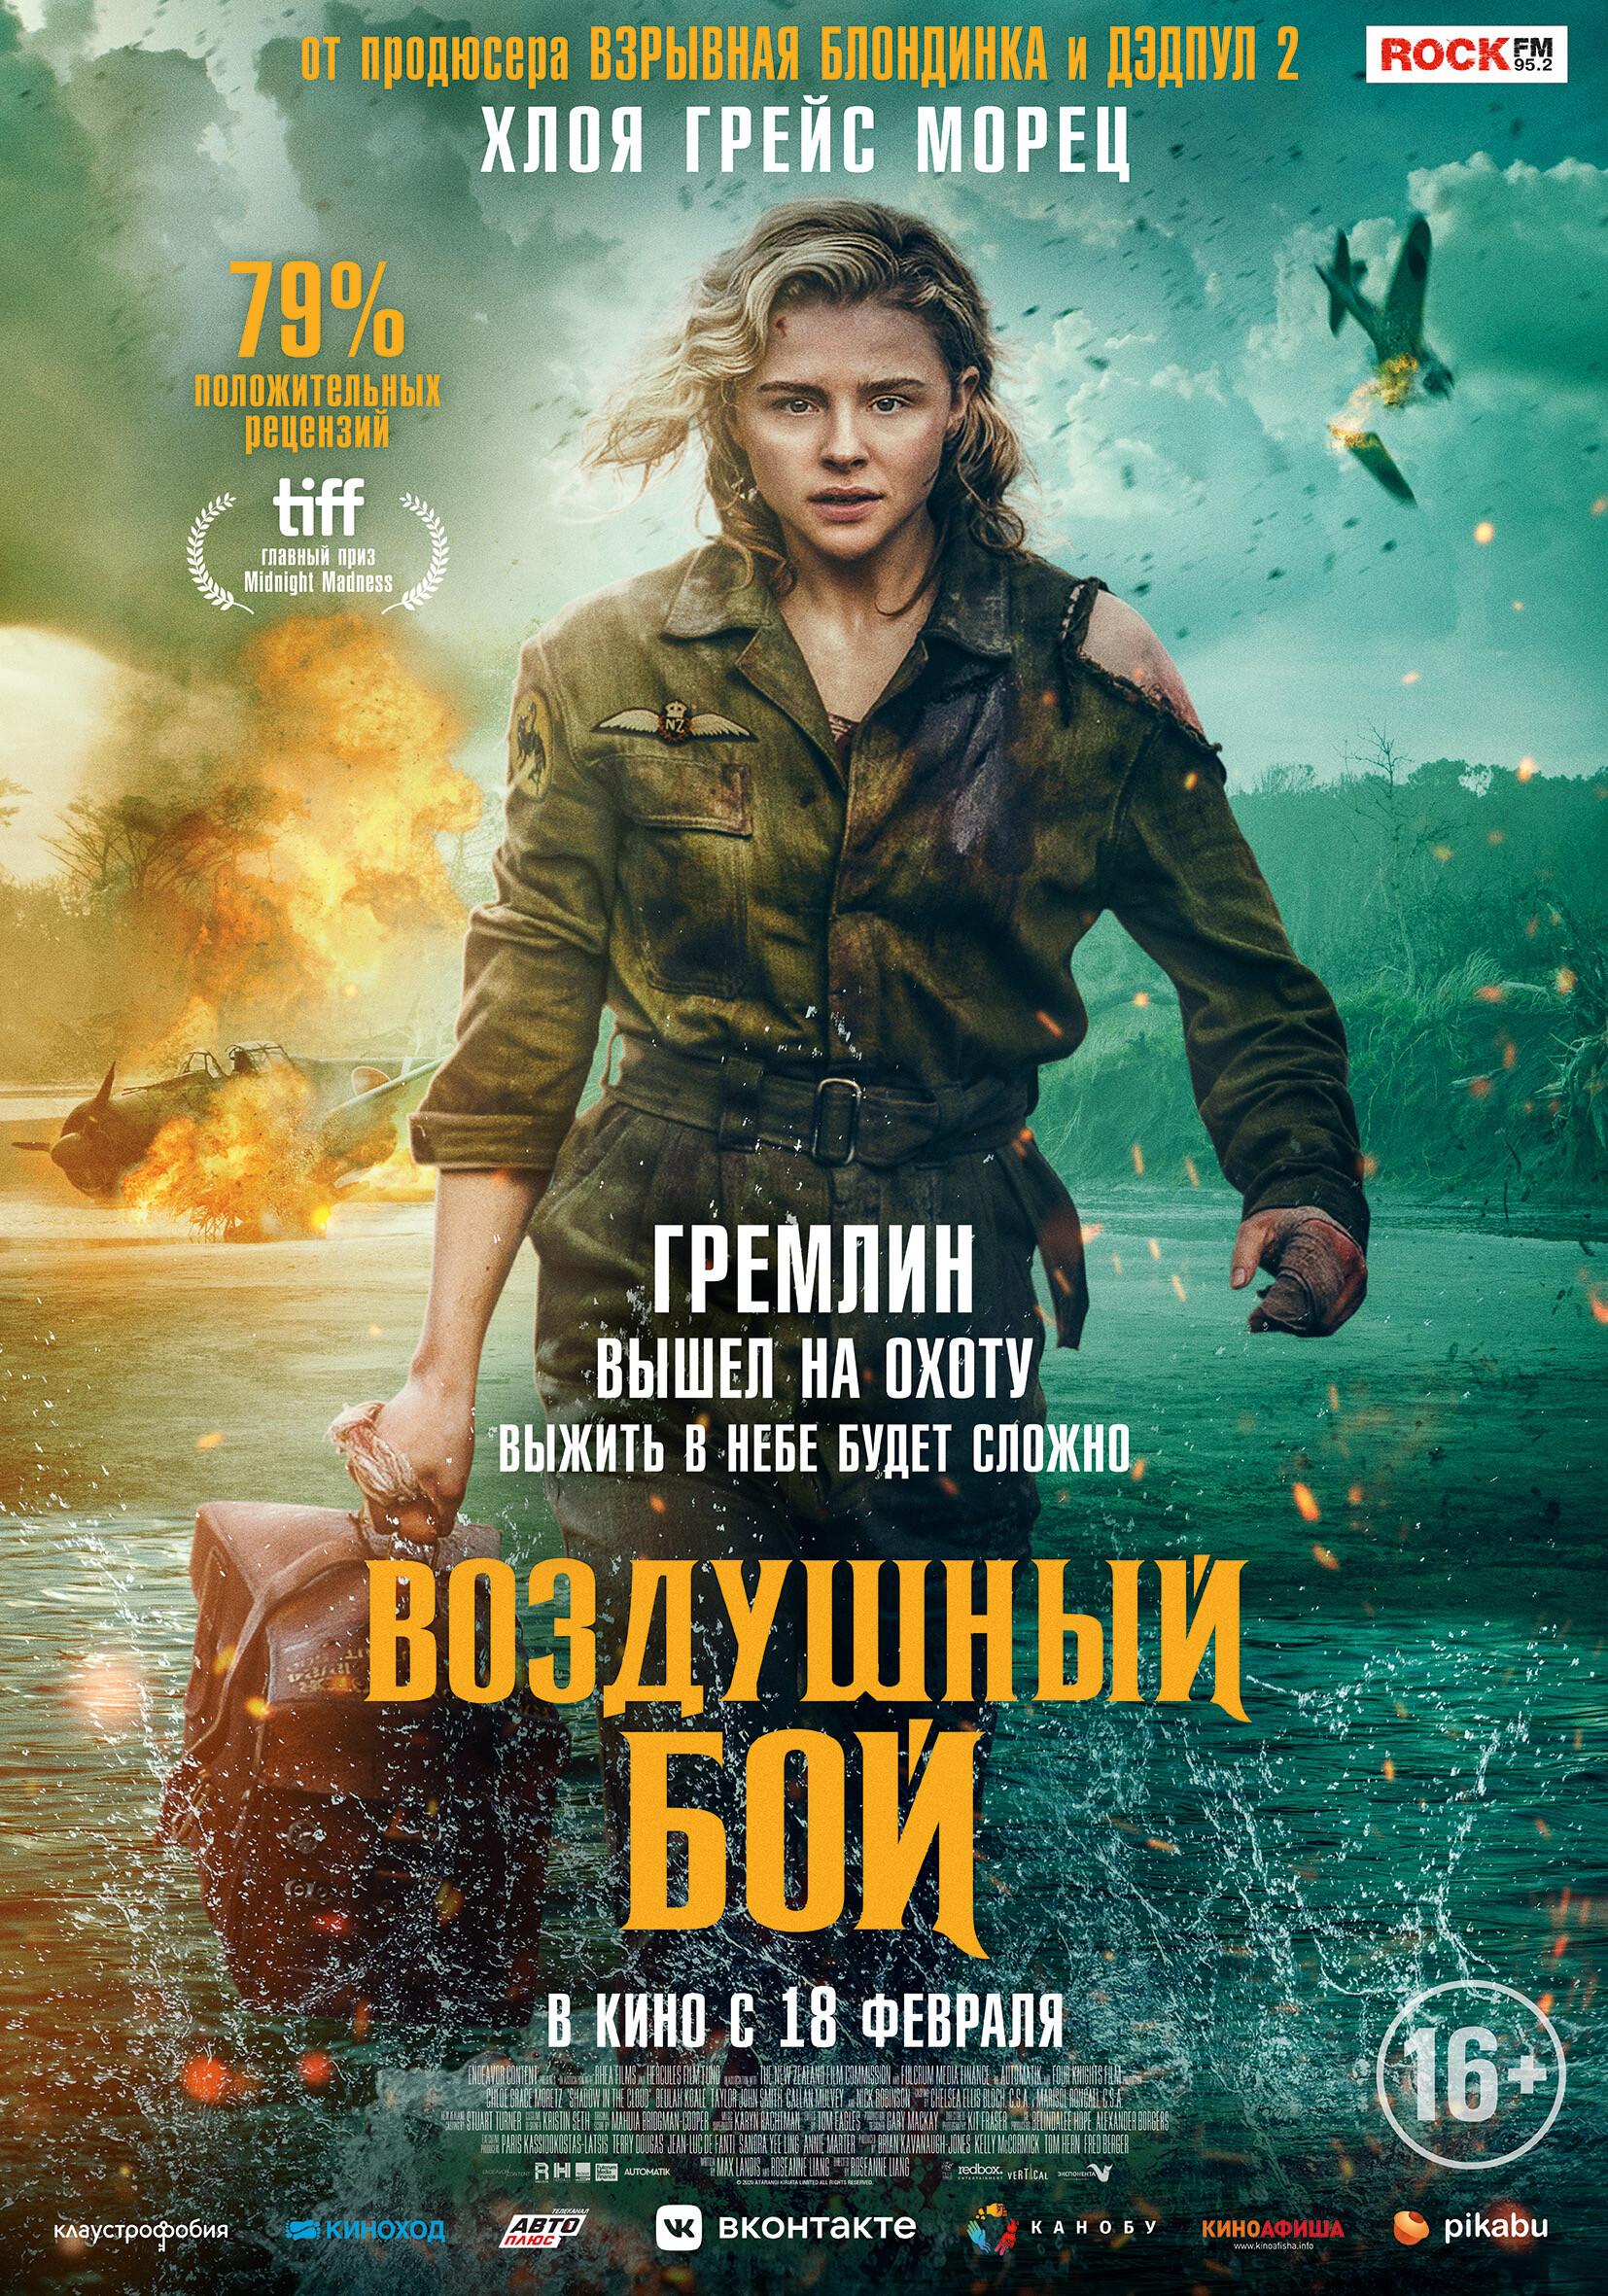 Воздушный бой, постер № 4